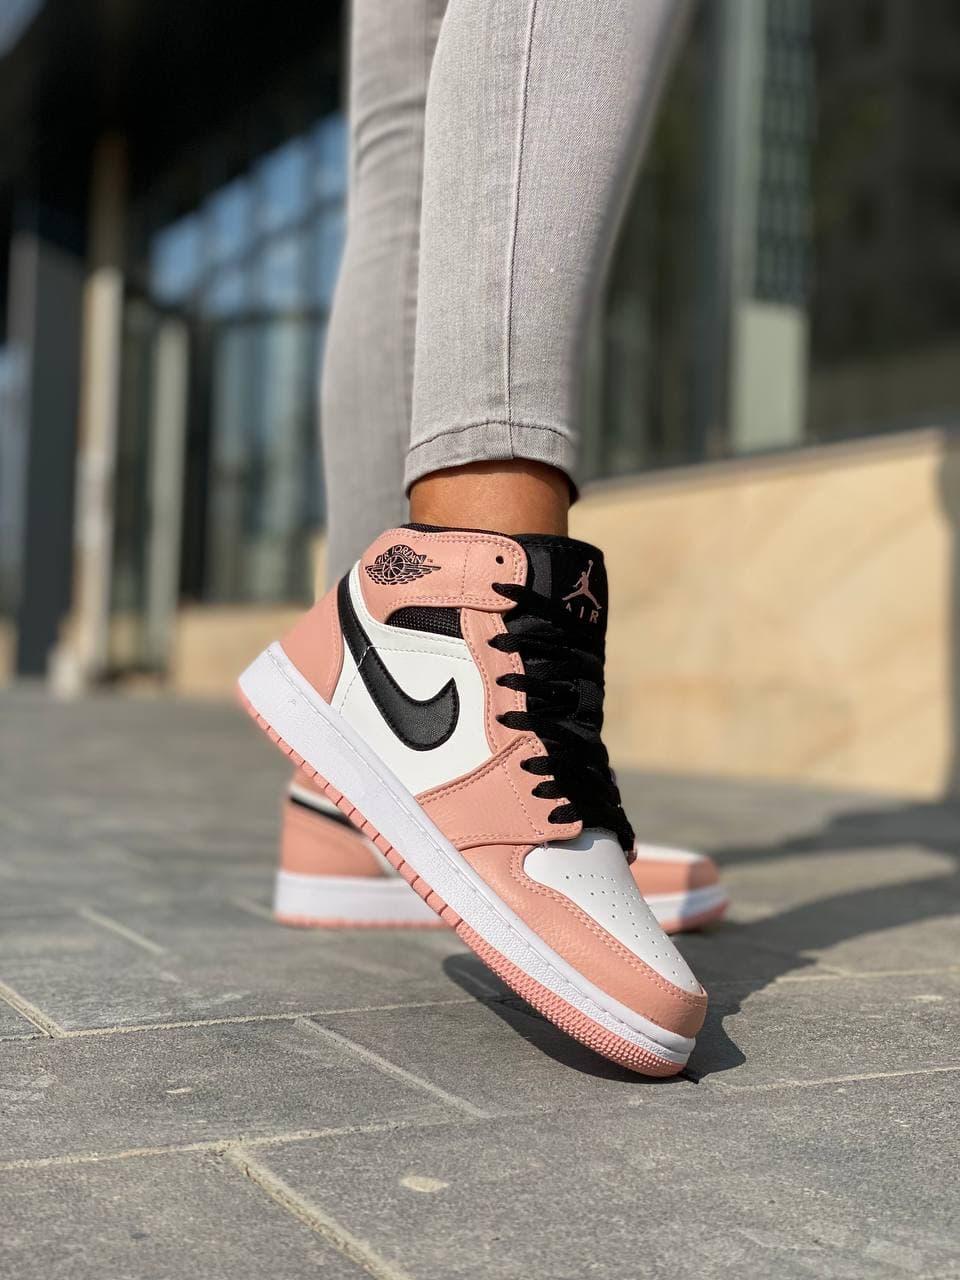 Кросівки жіночі модні персикового кольору. Жіночі стильні кросівки персикові.